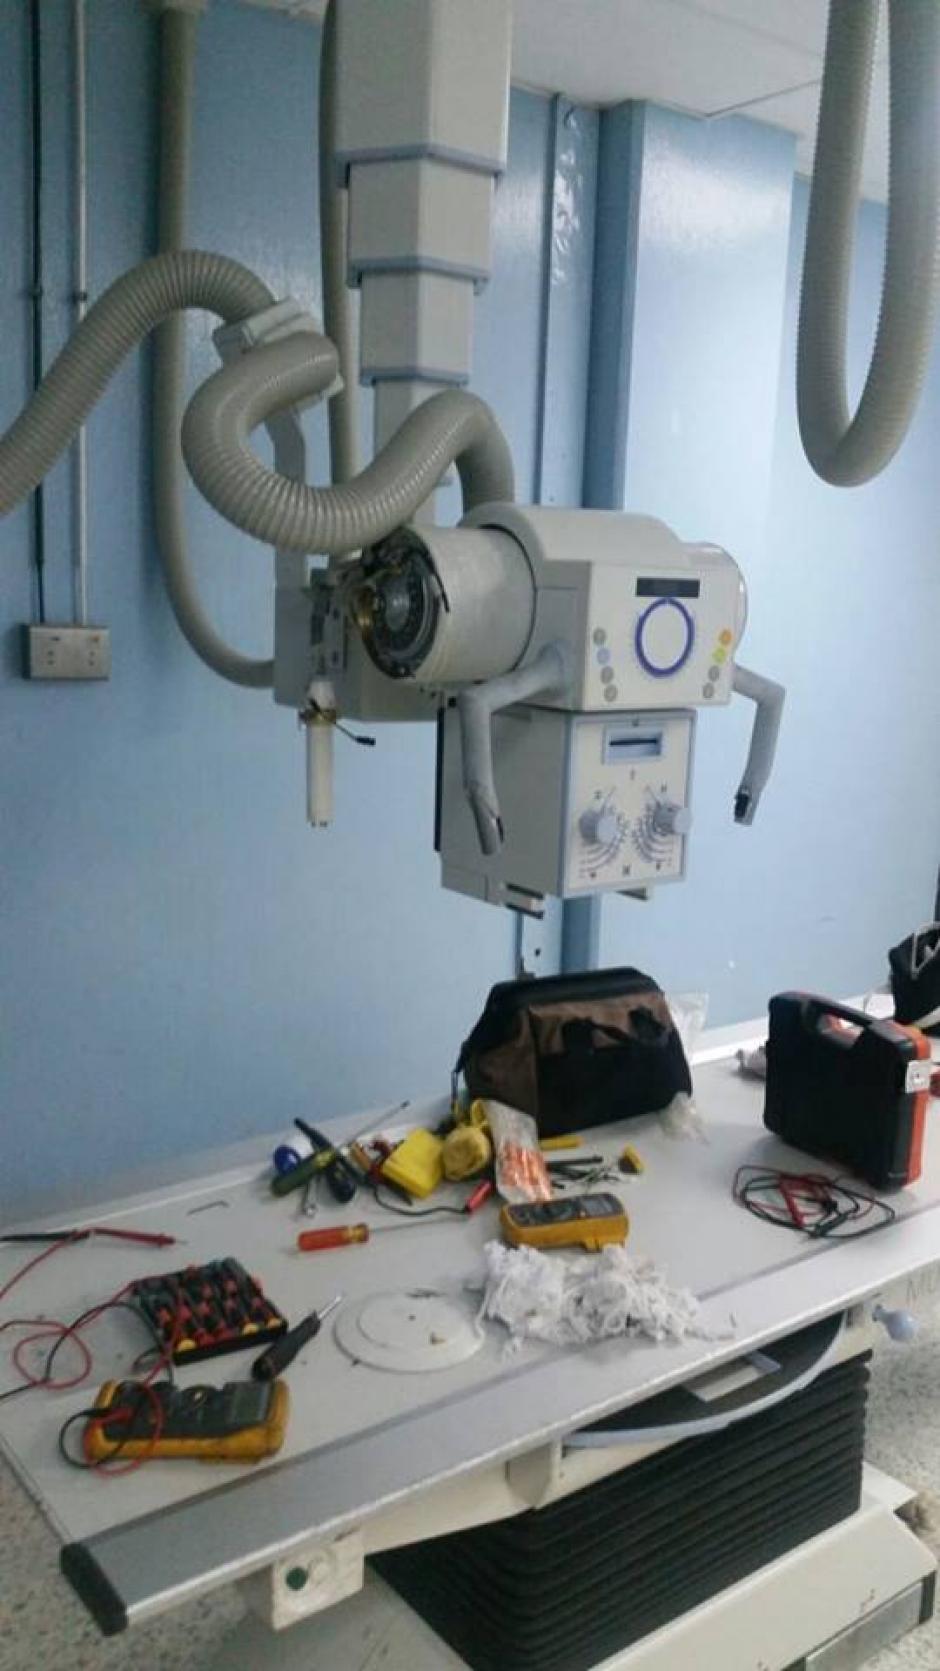 El aparato que saca las radiografías lleva más de 15 días trabajando con desperfectos y al 20% de su capacidad. (Foto: Facebook/Curemos Guate)